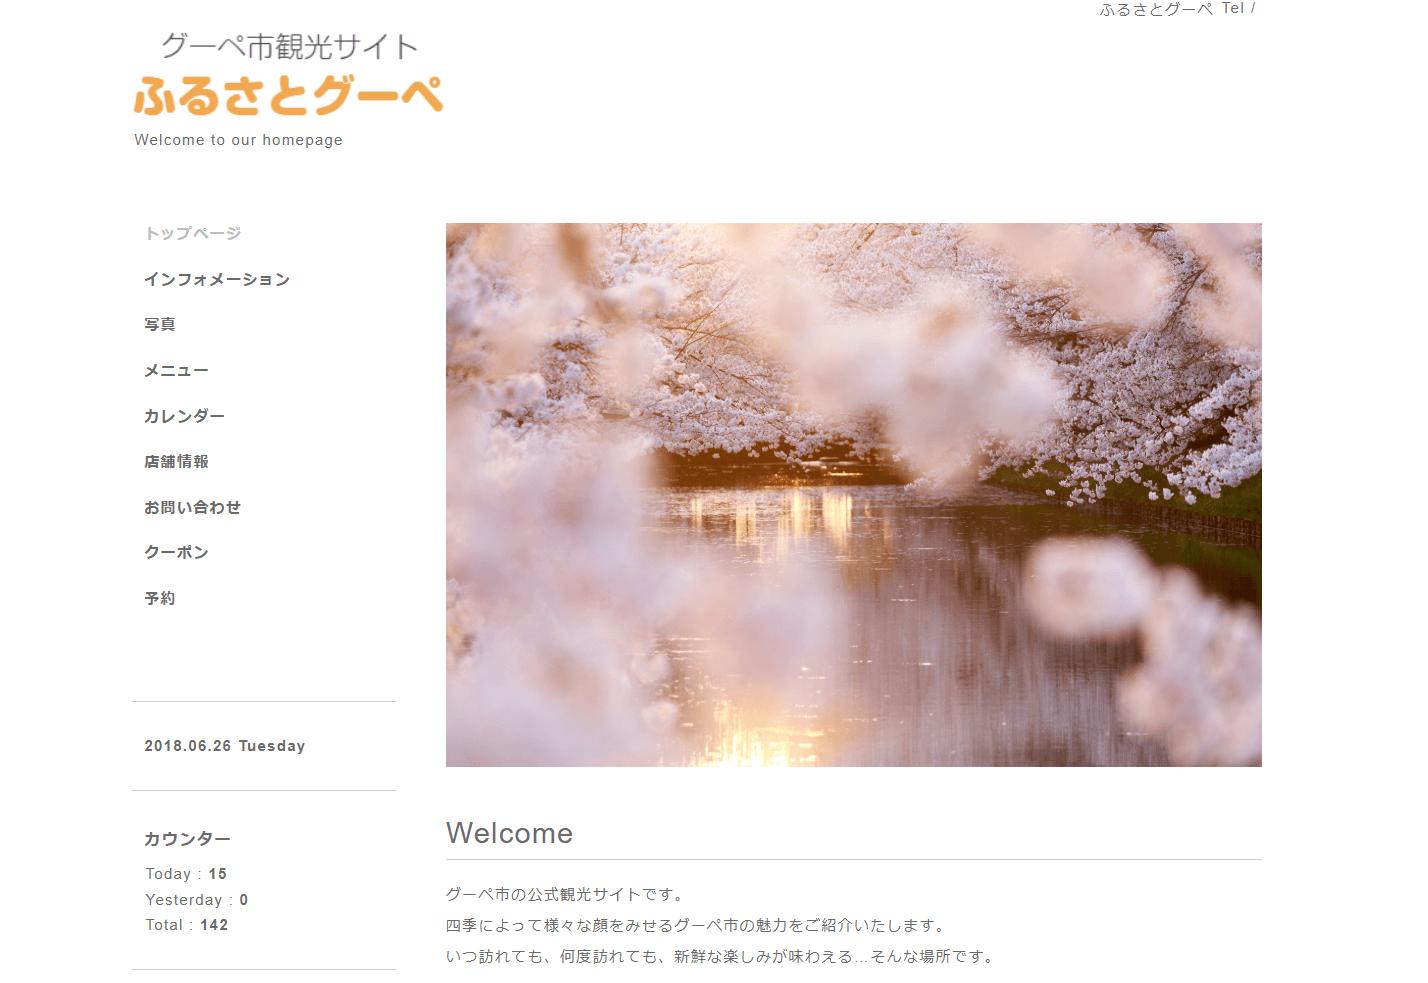 ホームページのスライドショーの画像